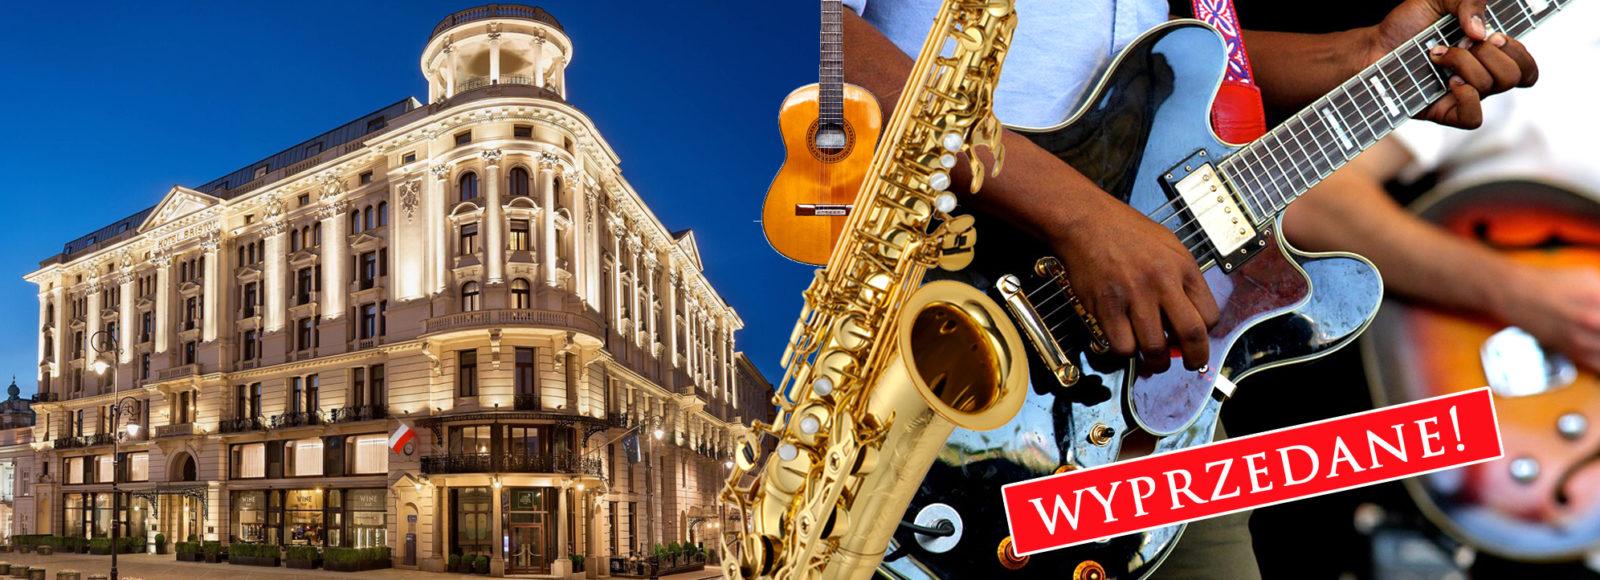 Filharmonia-dla-Dzieci-Saksofony i gitary- Hotel-Bristol-Warszawa